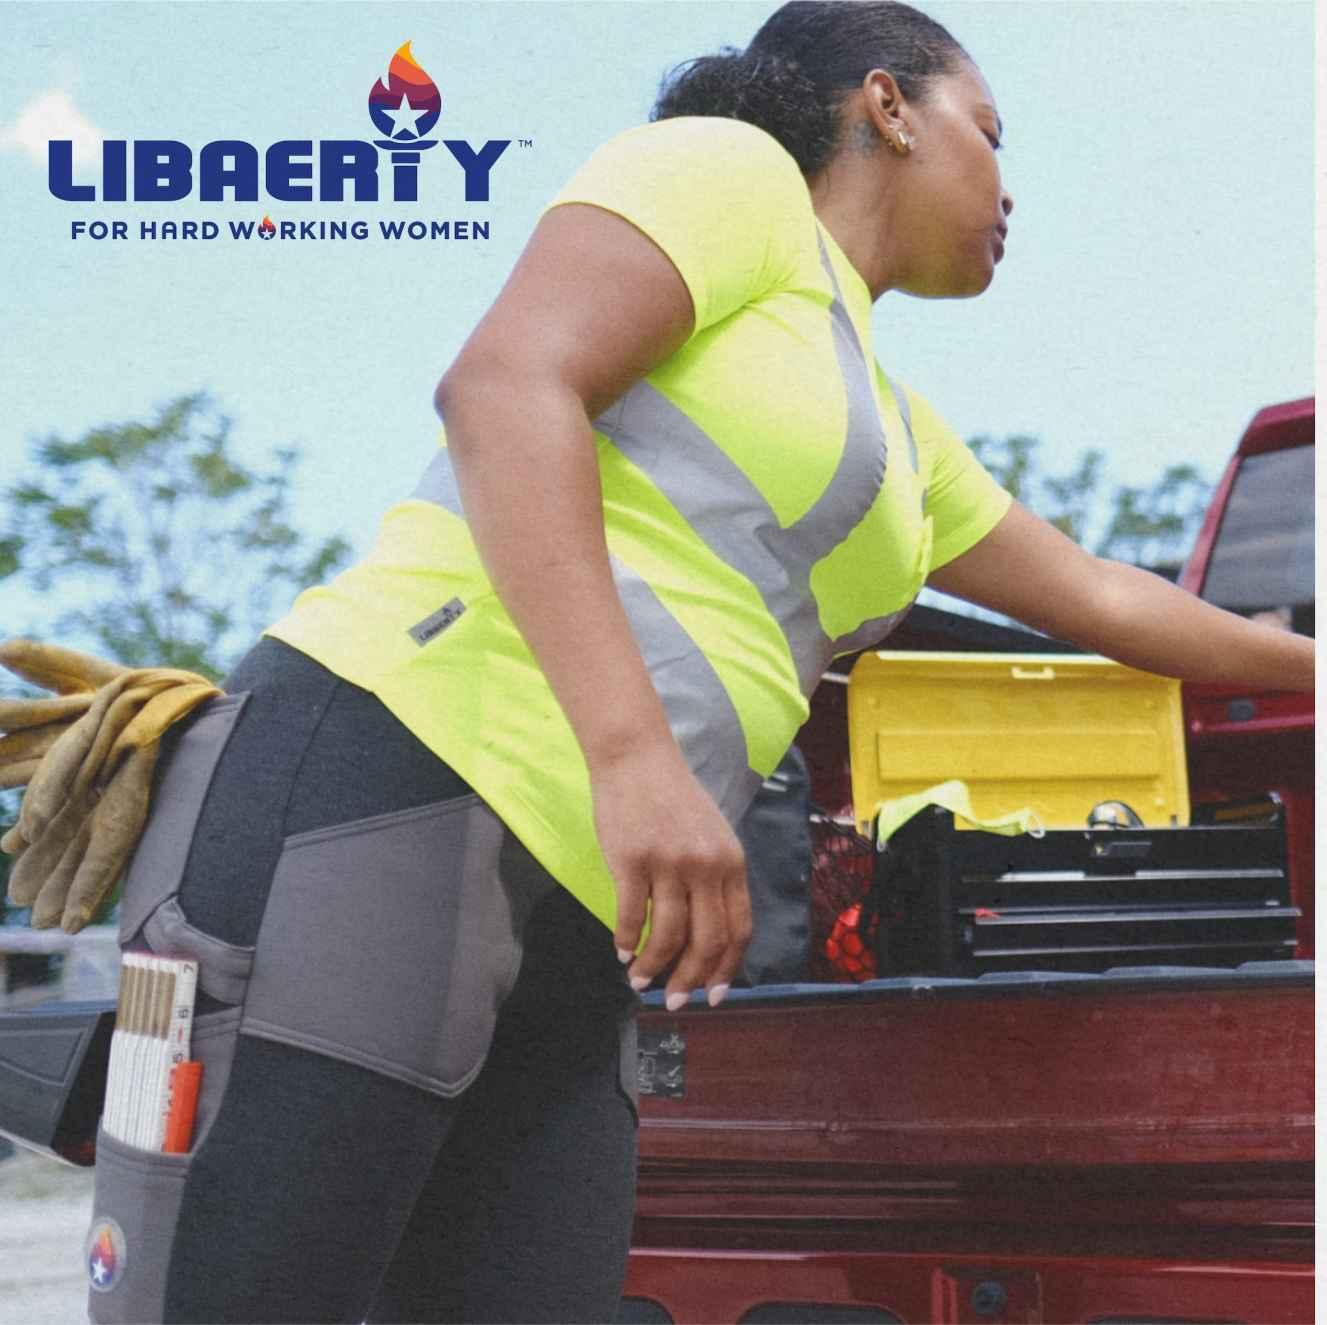 copyright of LIBAERTY, LLC